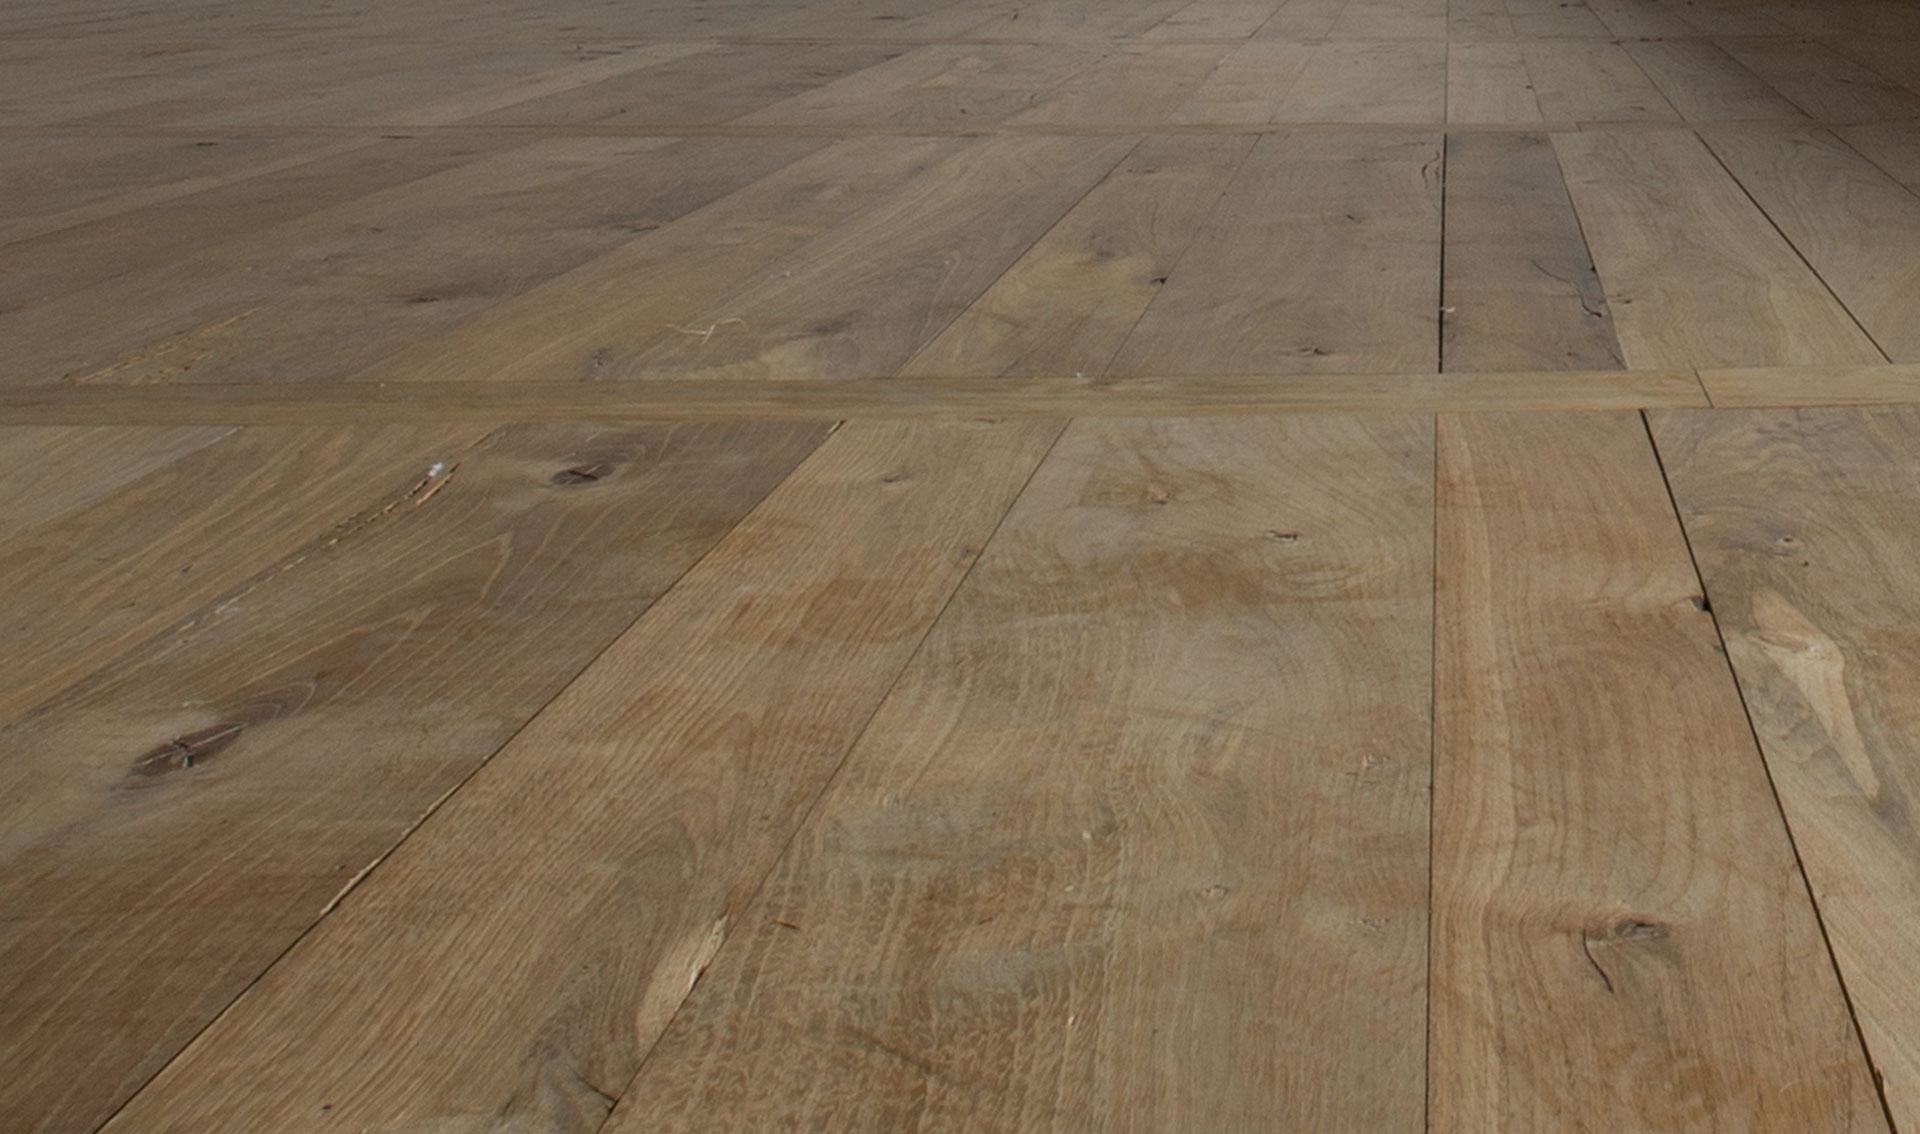 Realizzazione pavimenti in legno la valvaraita legnami for Disegni unici del pavimento